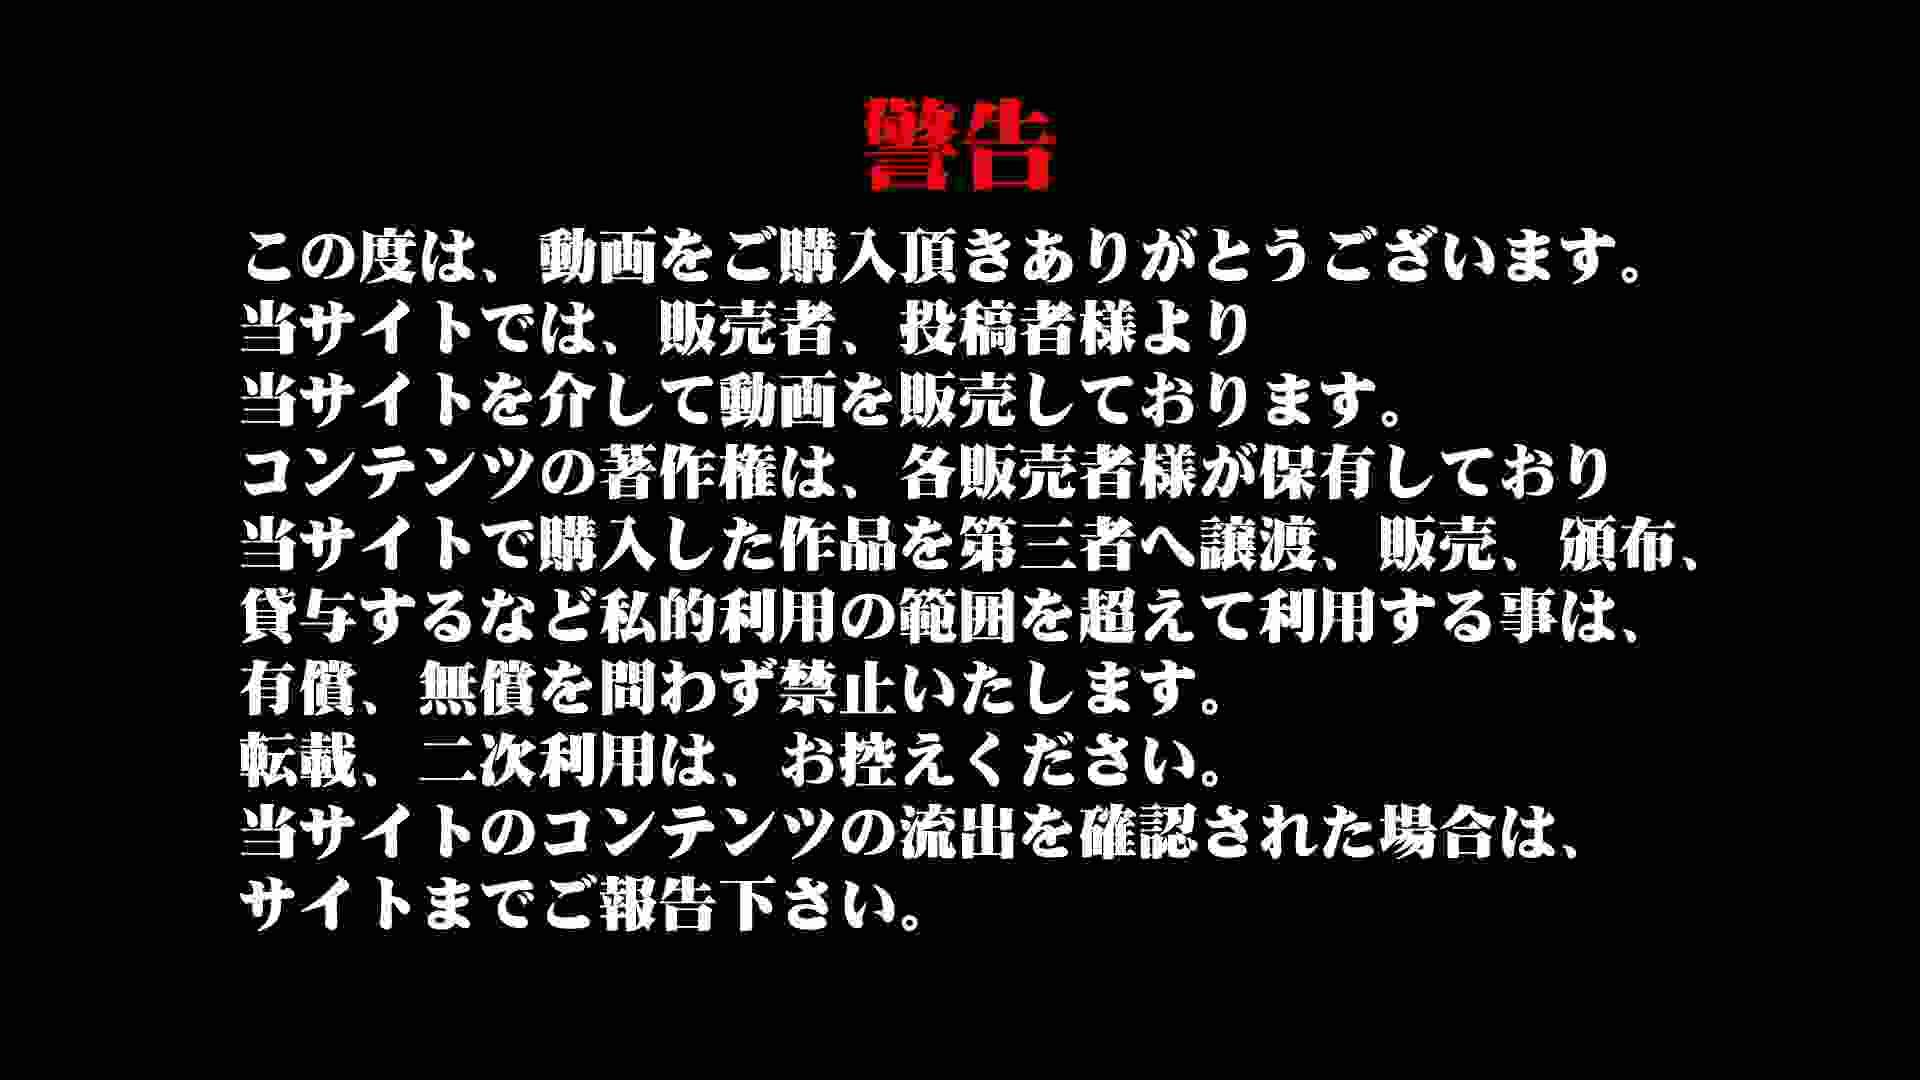 ギャルのツルピカ潜入盗撮!Vol.14 ギャル・コレクション | 盗撮エロすぎ  66連発 2